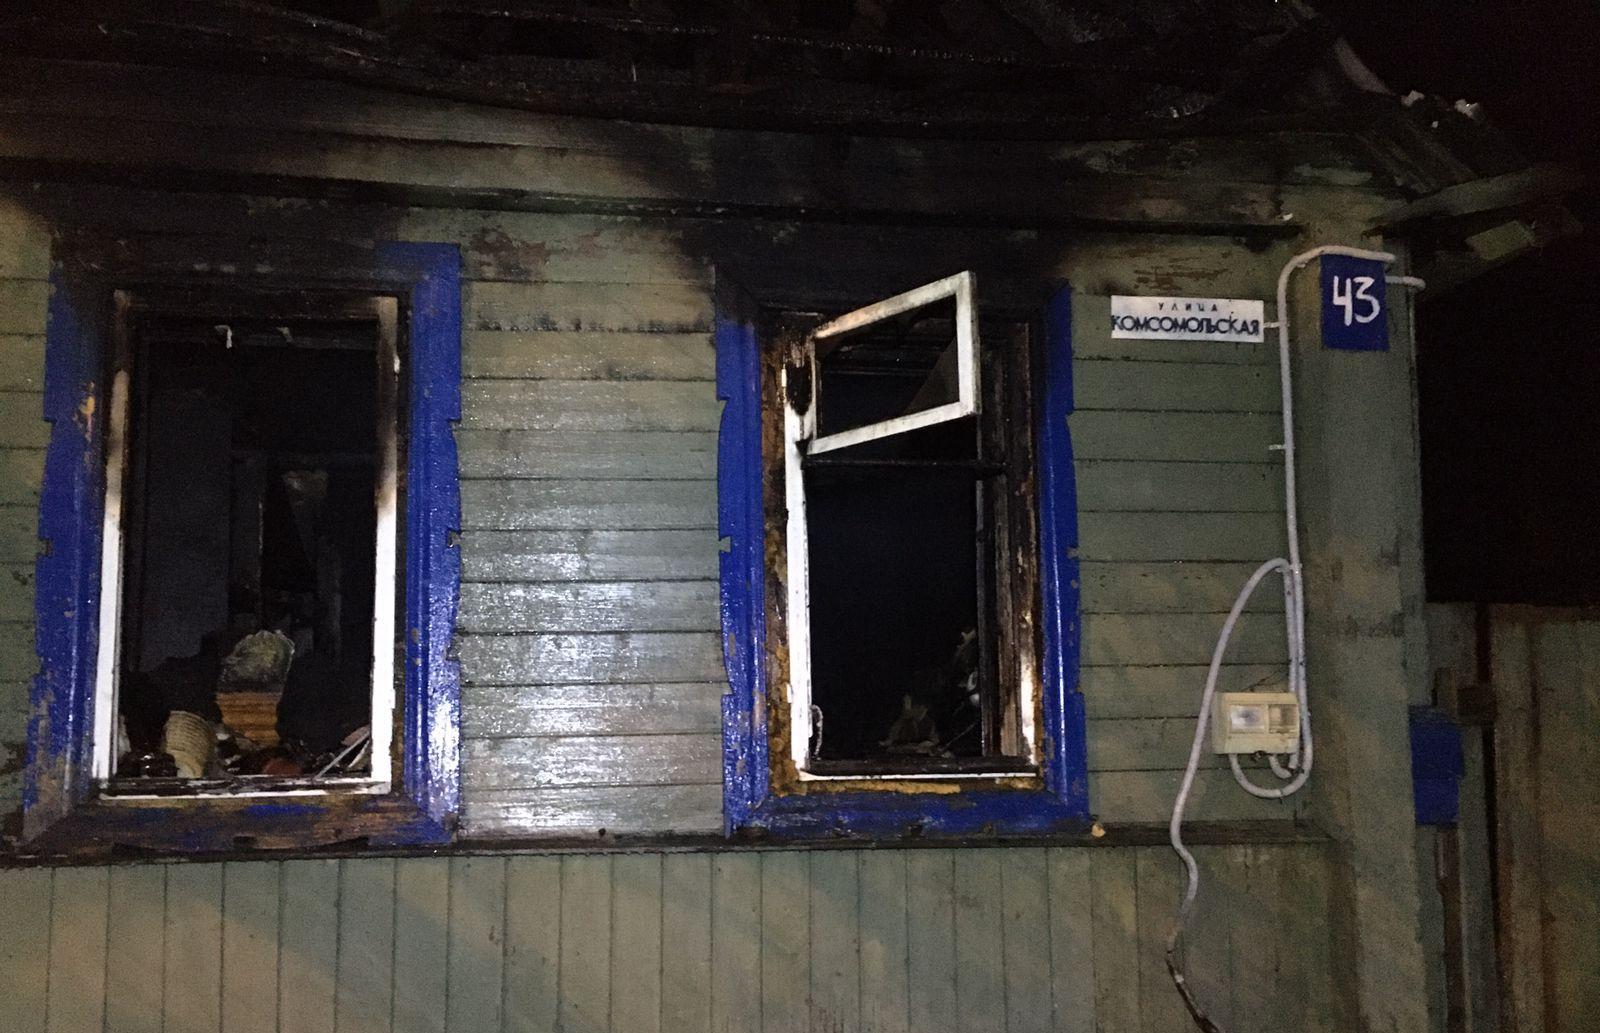 В сгоревшем доме в Тверской области нашли тела двух мужчин - новости Афанасий